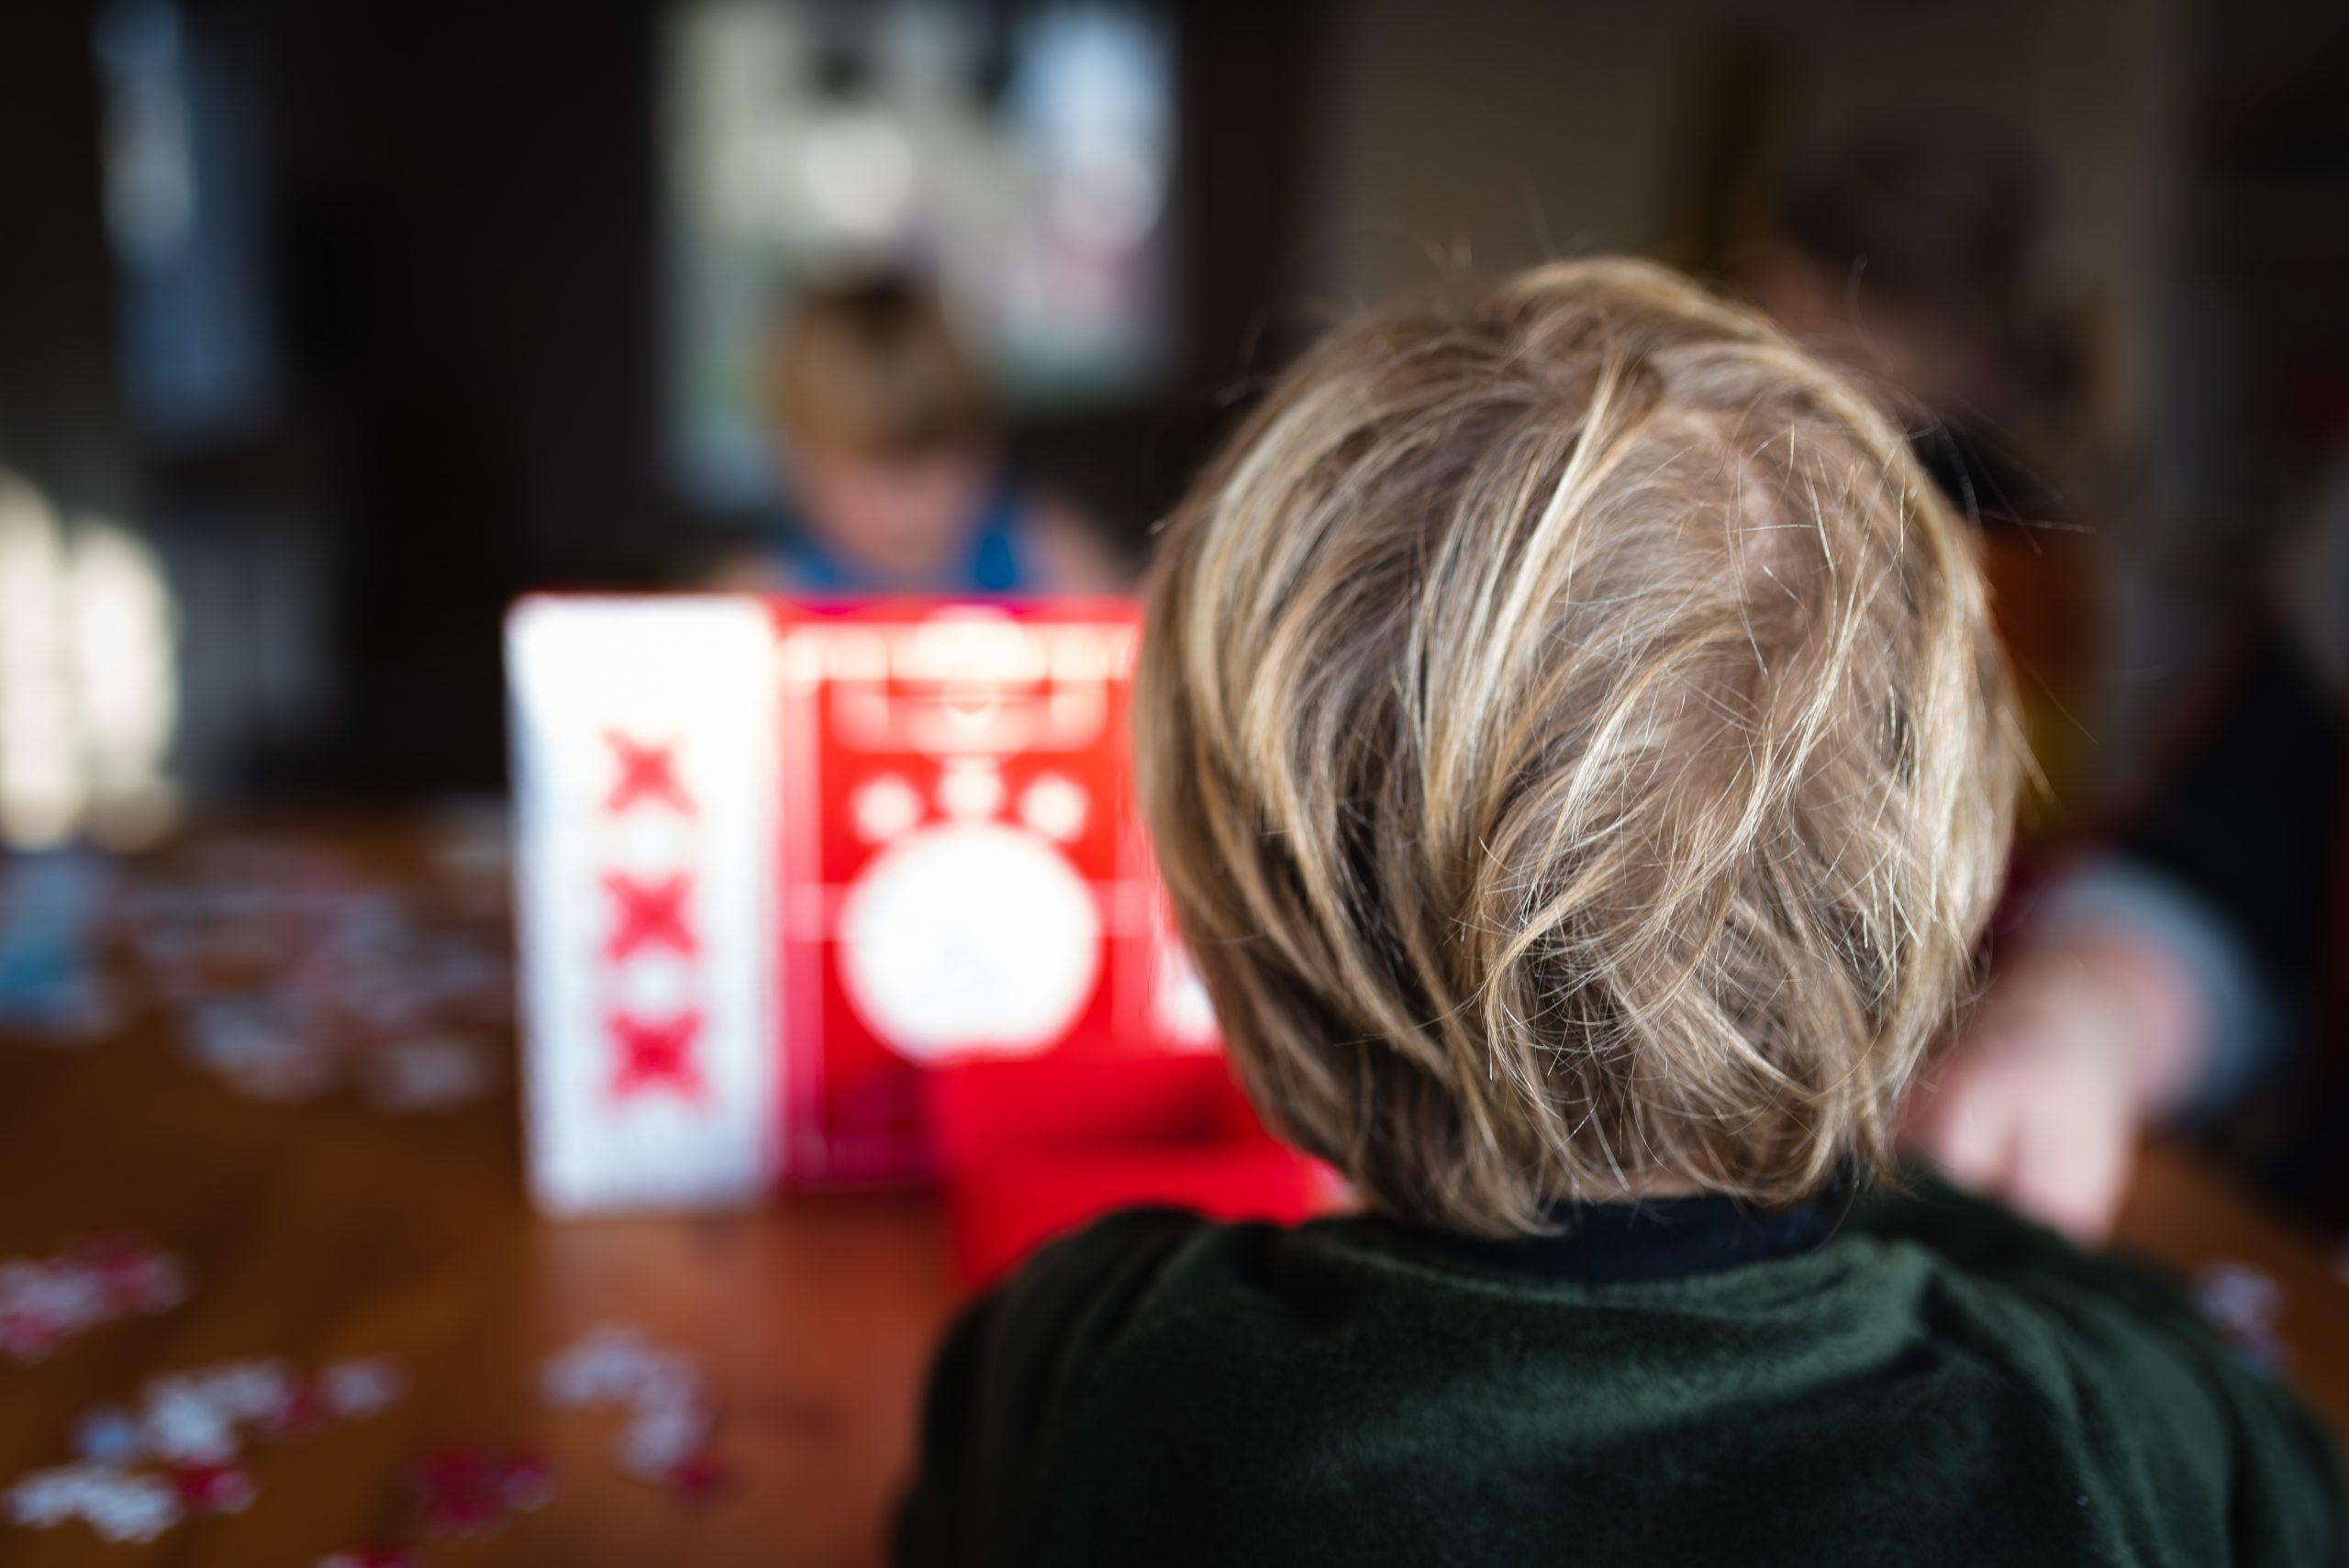 story telling, verhaal vertellen met foto's, familiefotograaf, Assen, Drenthe, gezinsfotograaf, groot gezin, spelen aan tafel